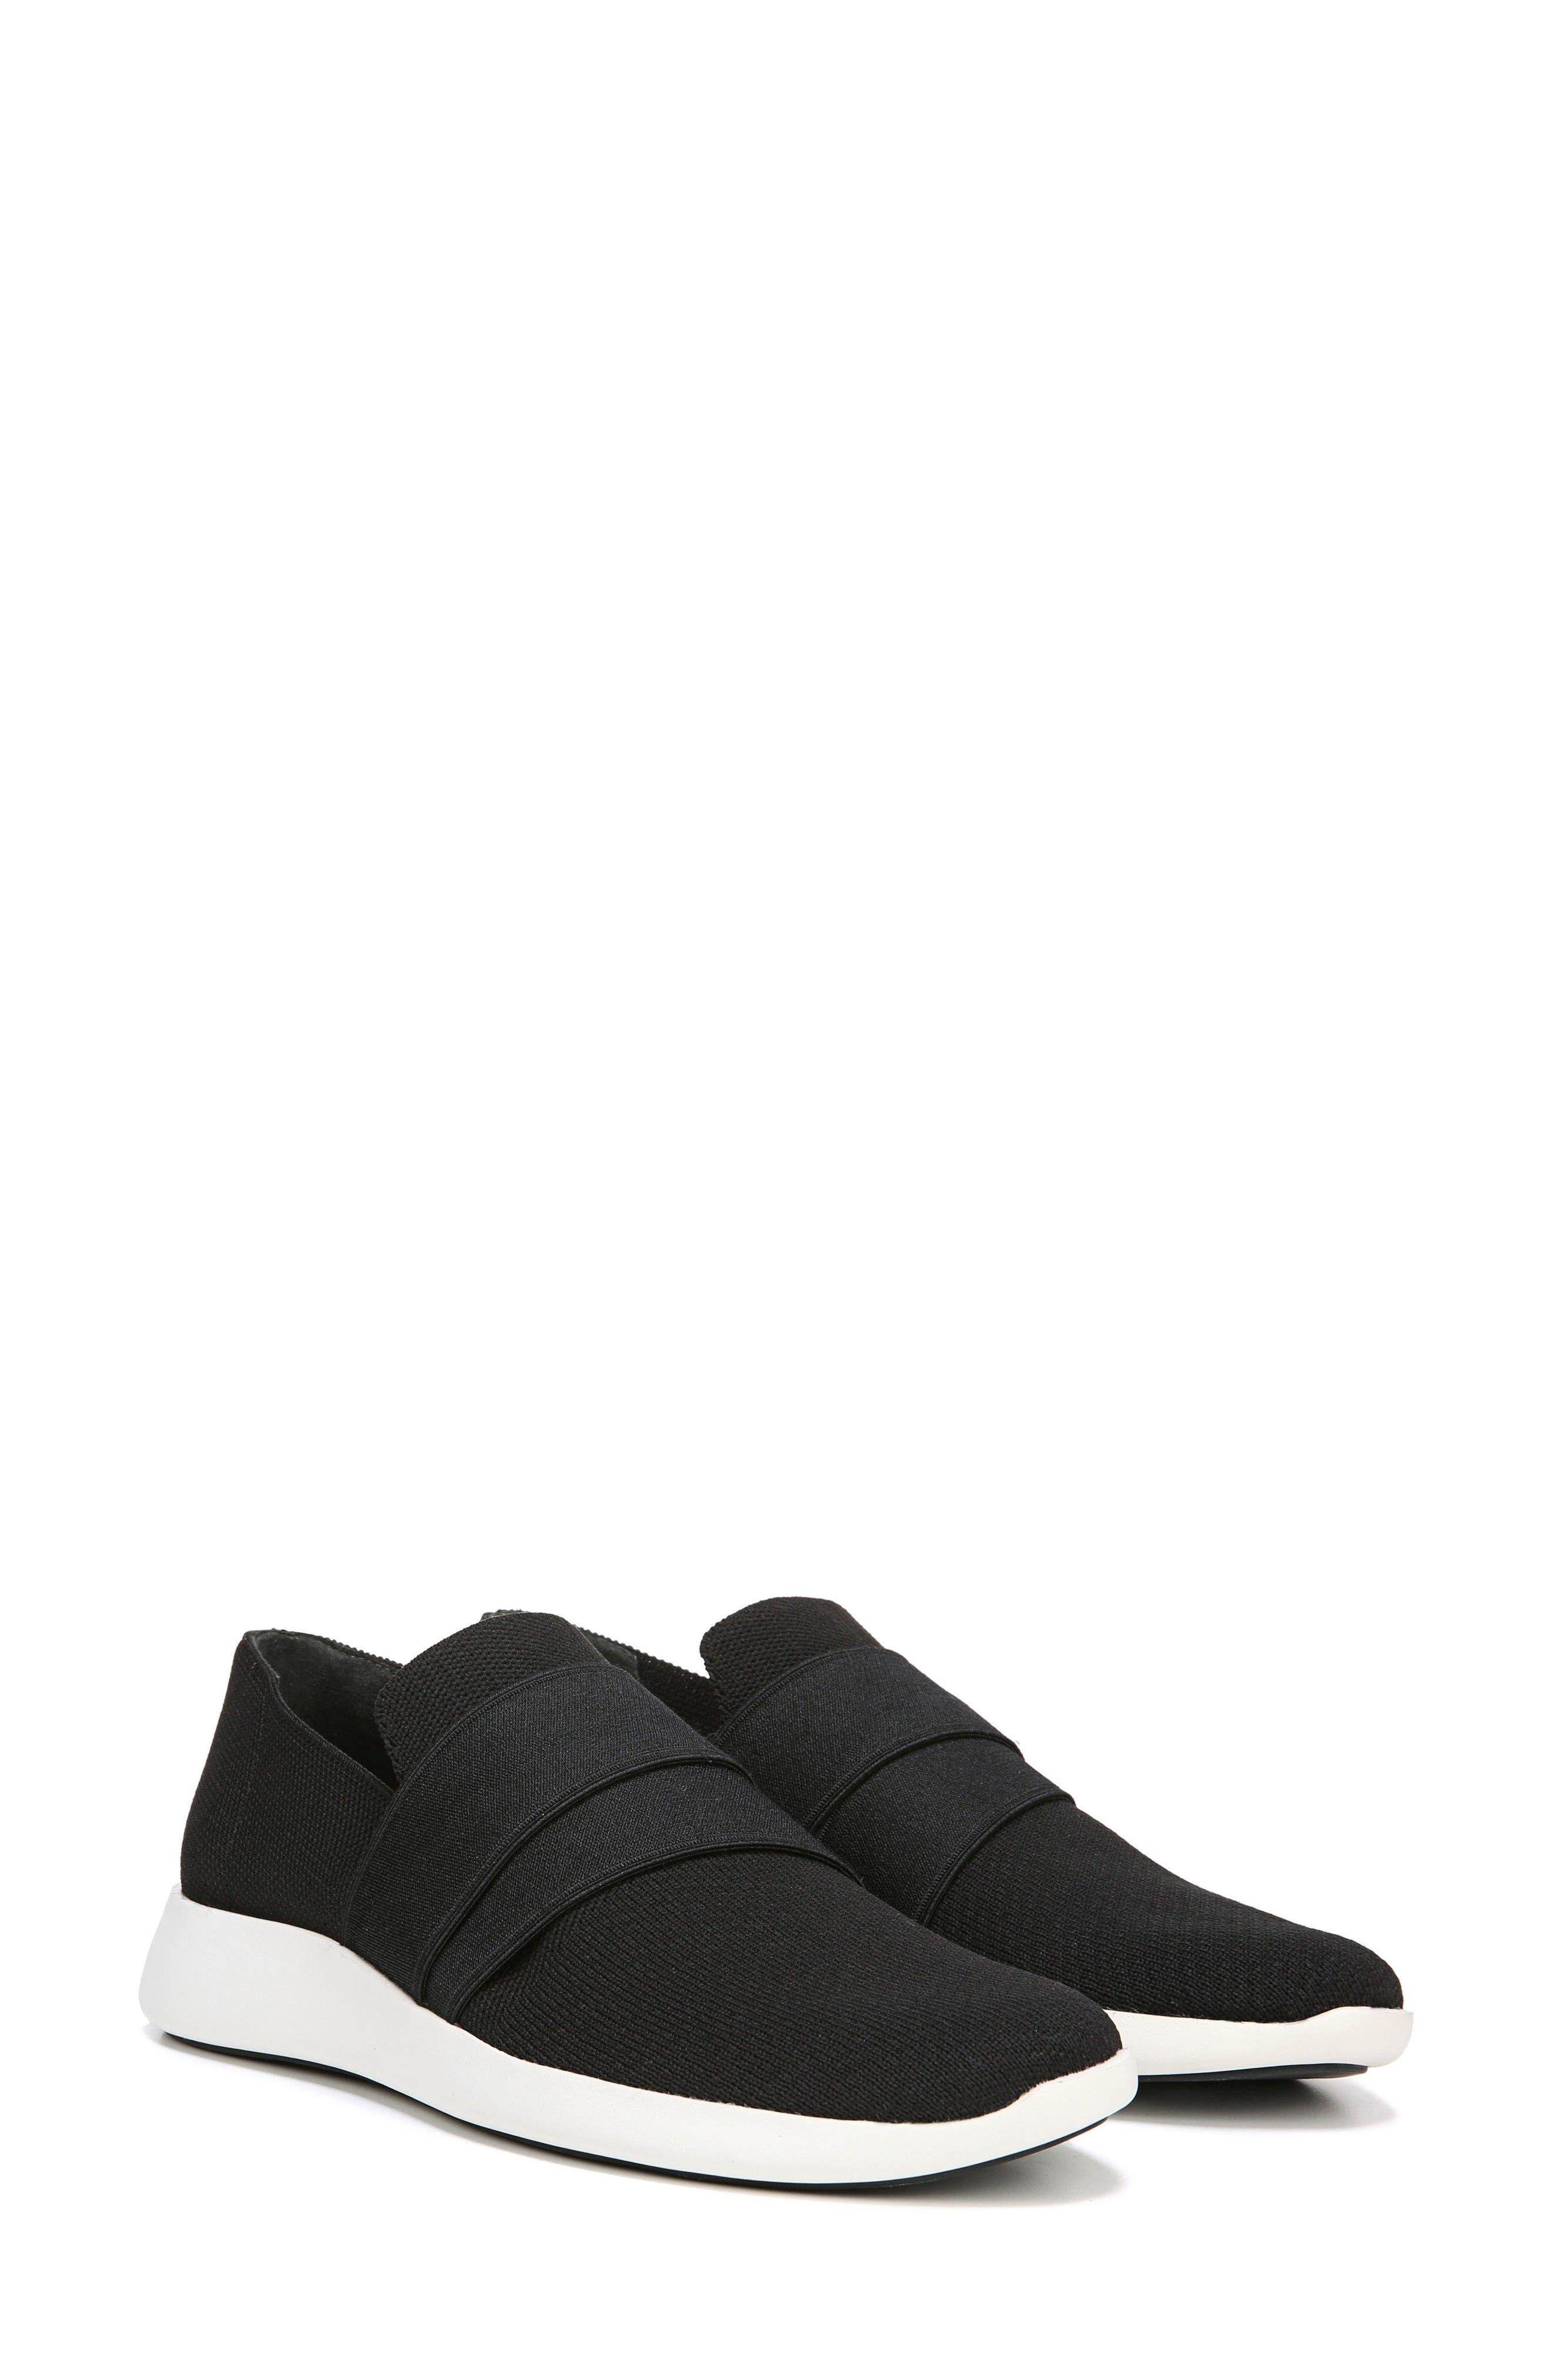 Aston Slip-On Sneaker,                             Alternate thumbnail 6, color,                             BLACK SOLID KNIT